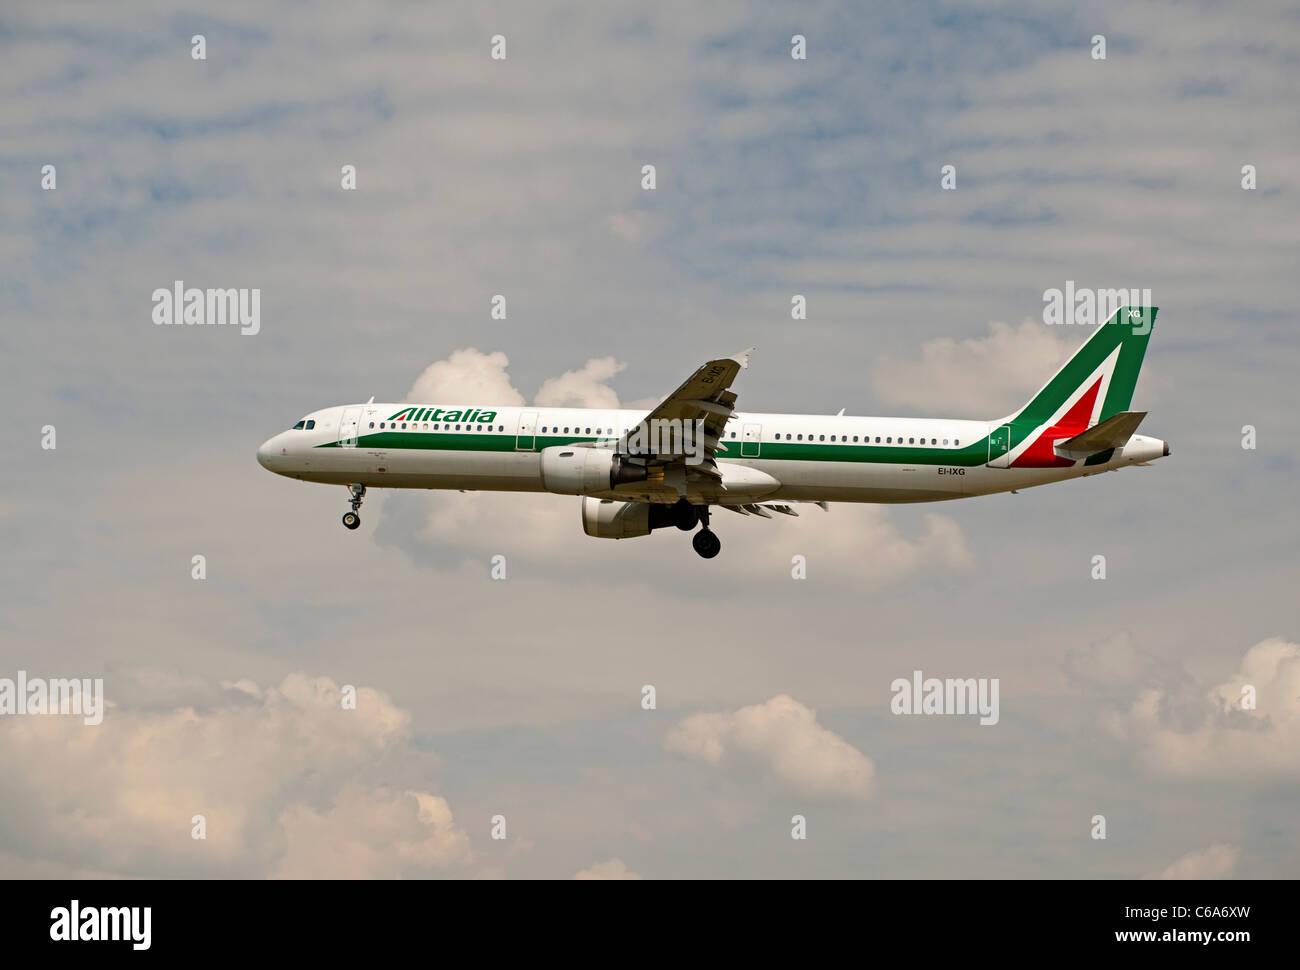 """Alitalia una Plaza dei Miracoil321-112 """"Pisa"""" llegando al aeropuerto de Heathrow. Ocs 7572 Foto de stock"""